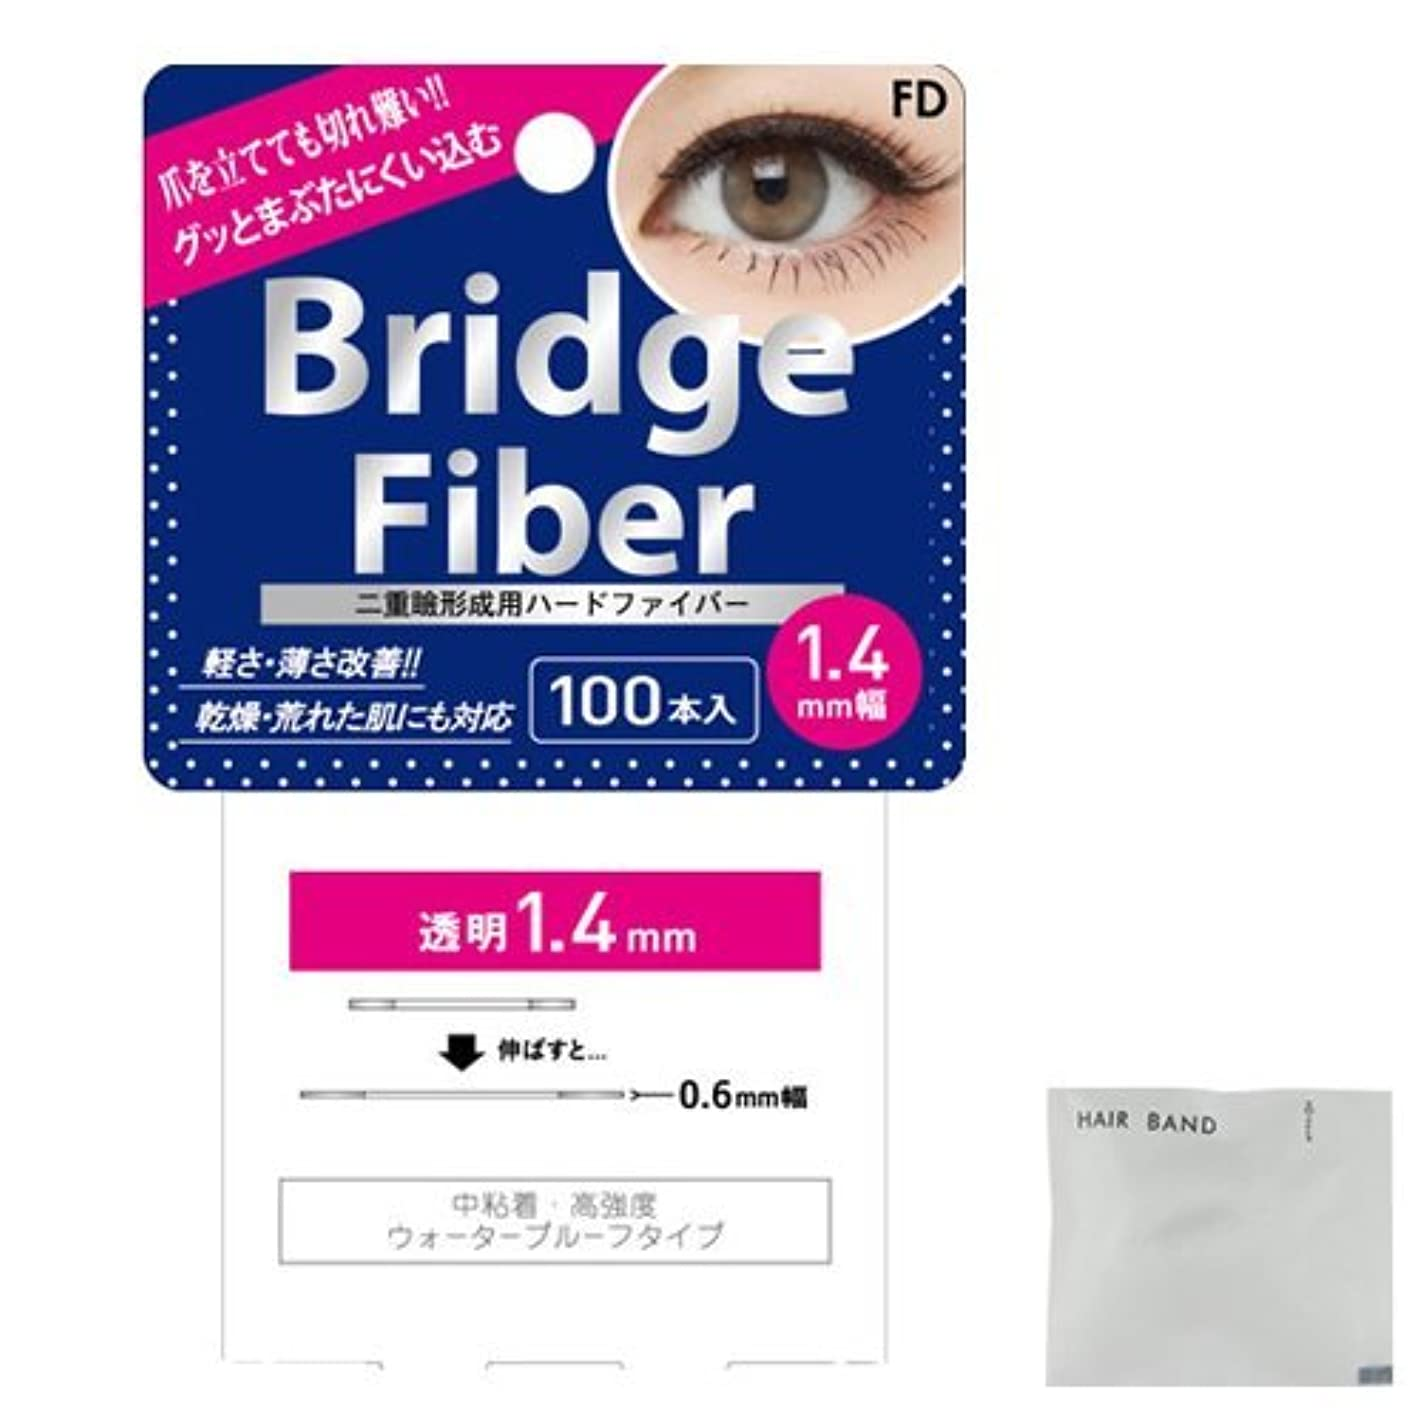 回転する絶望的な硫黄FD ブリッジファイバーⅡ (Bridge Fiber) クリア1.4mm + ヘアゴム(カラーはおまかせ)セット